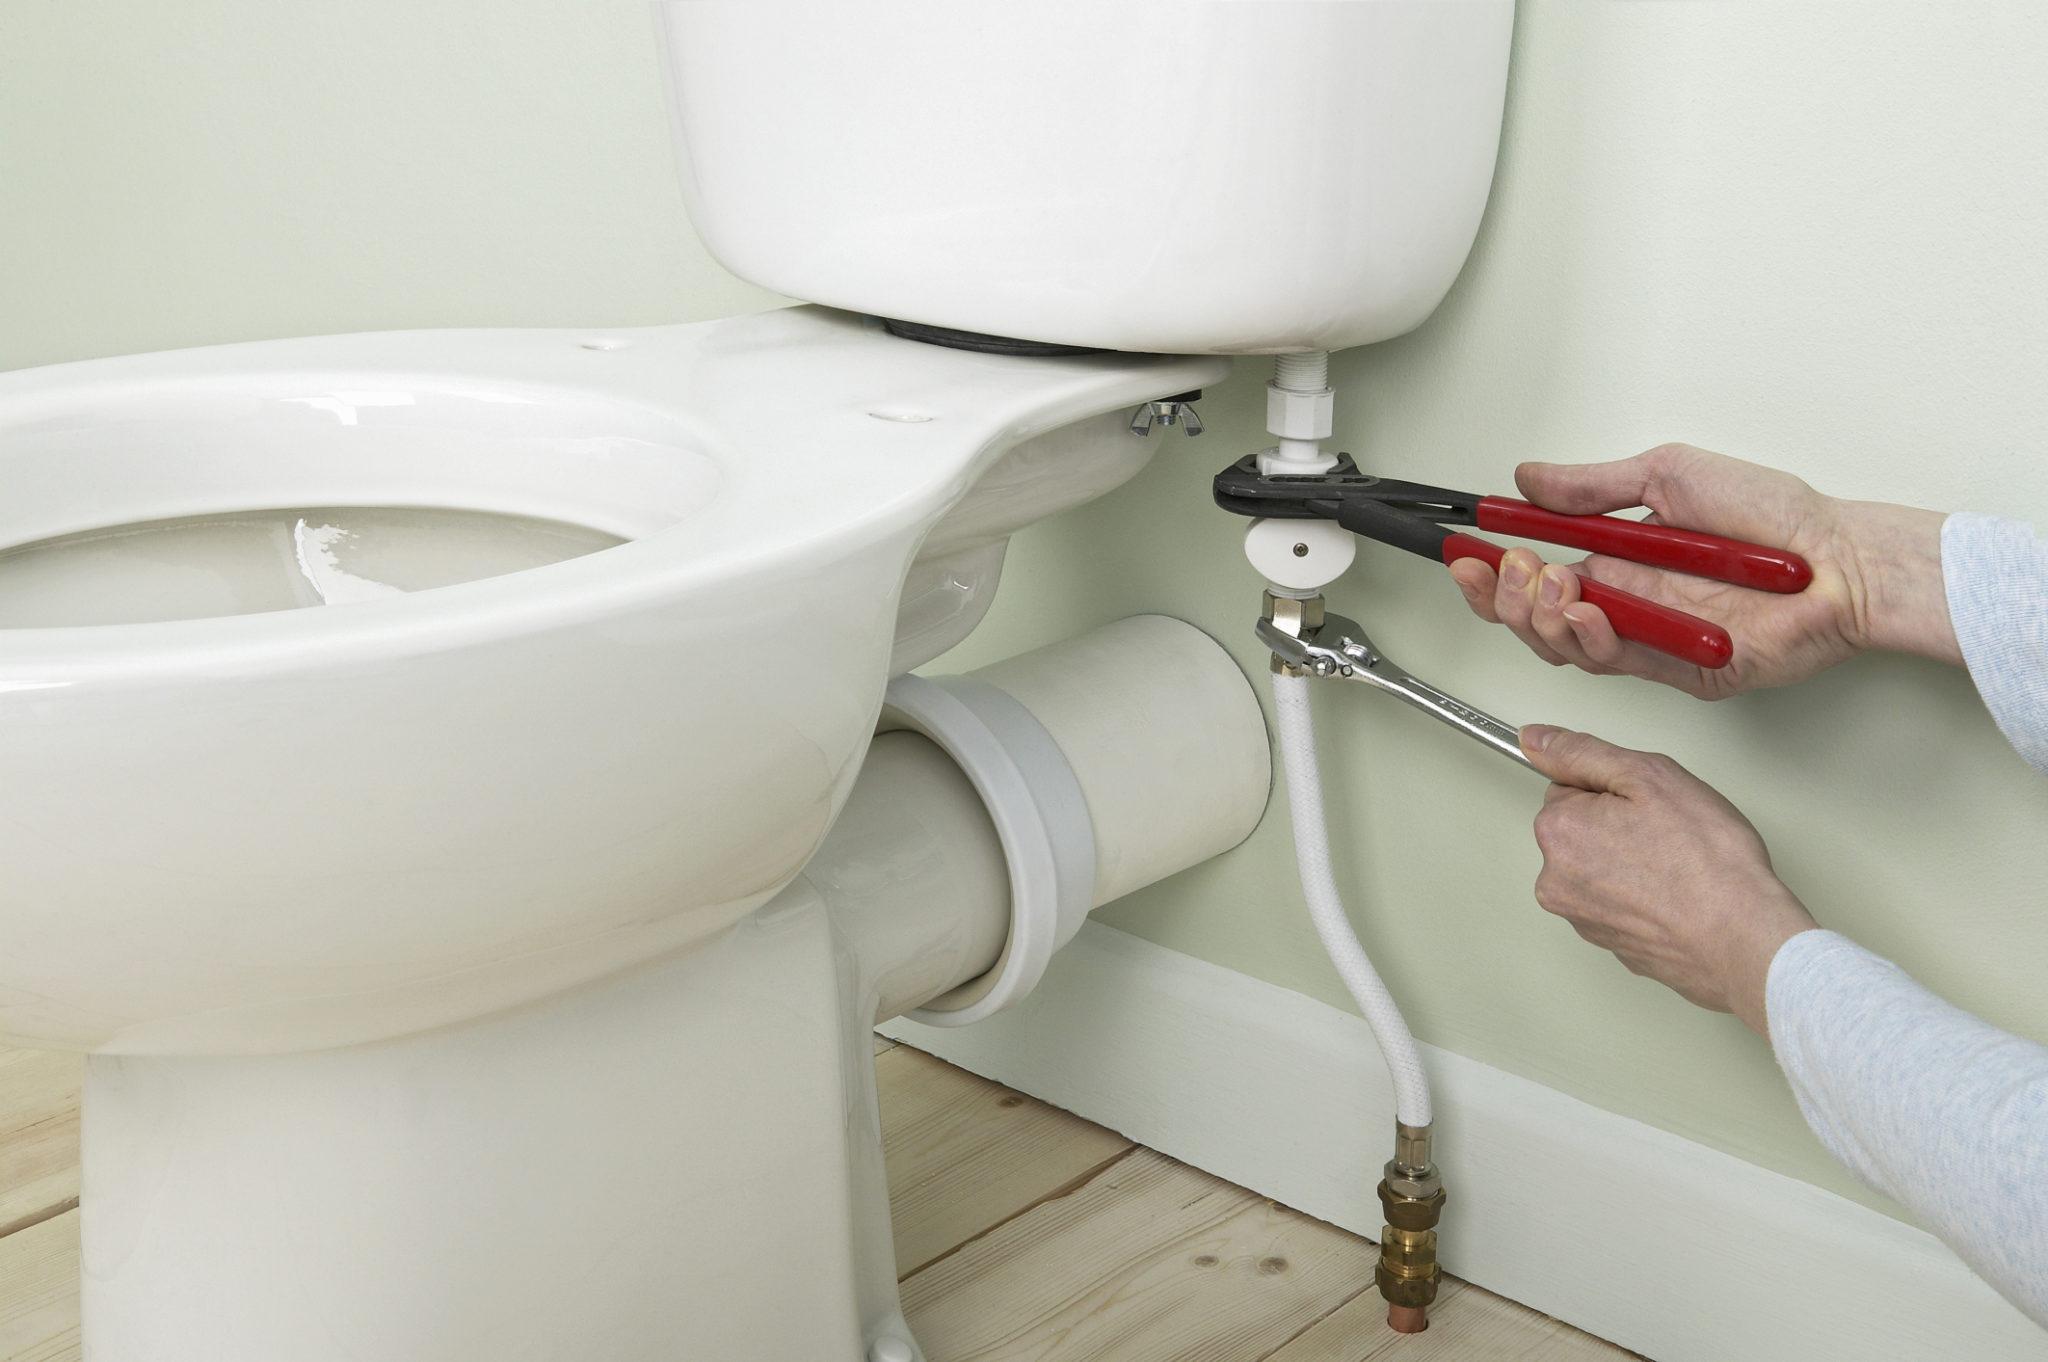 Замена унитаза: демонтаж своими руками, как снять и заменить самостоятельно, как поменять квартире